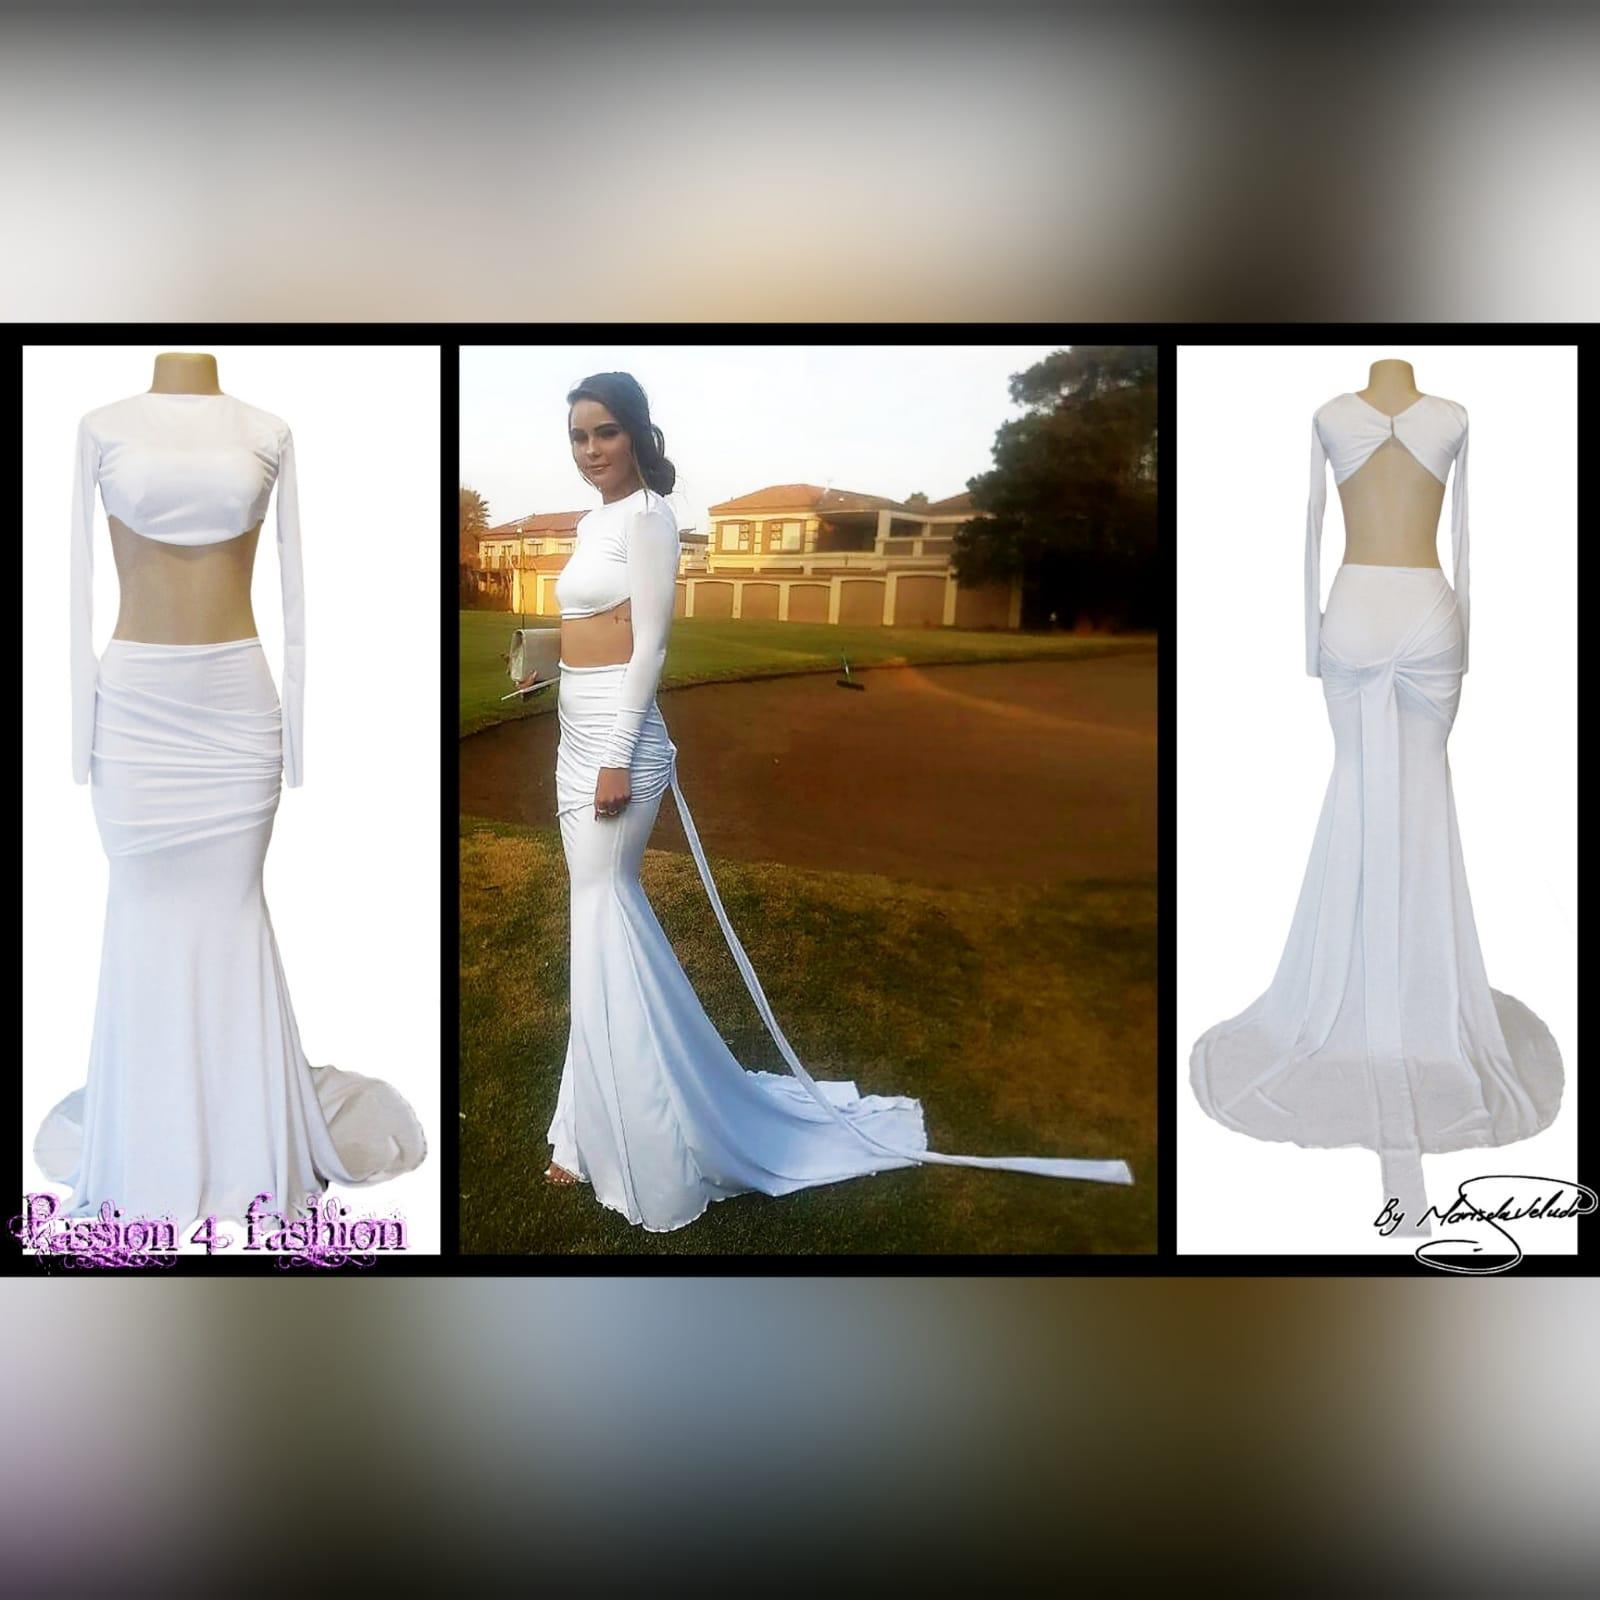 Vestido branco de 2 peças formal 2 vestido branco de 2 peças formal com top curto, mangas compridas, saia estilo sereia com ancas plissadas e uma cauda.